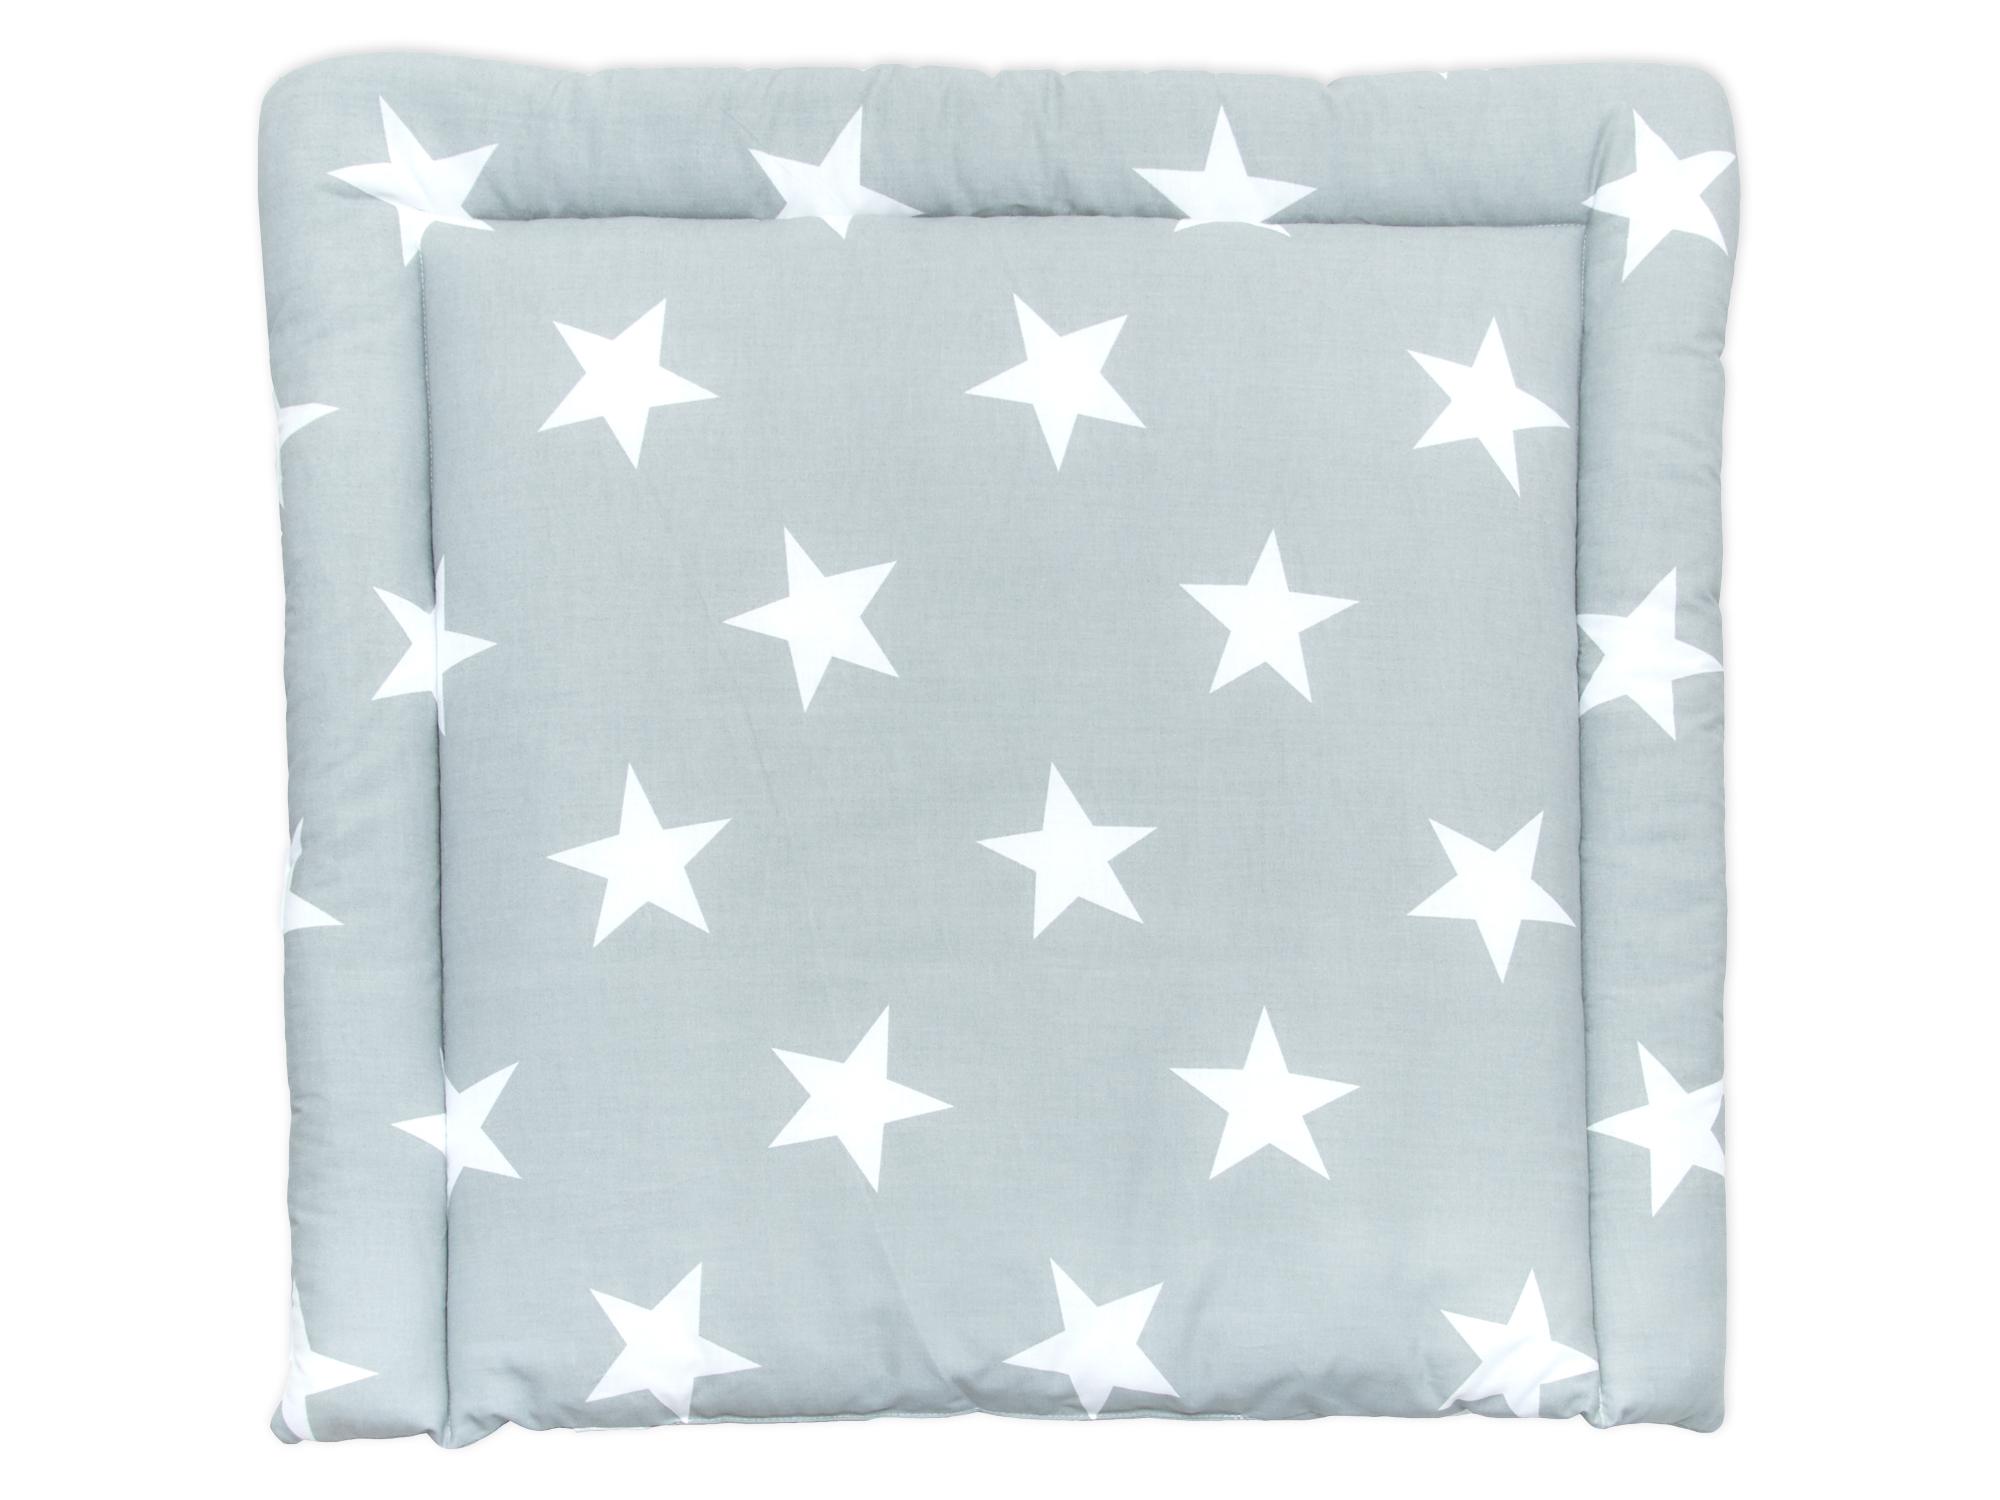 KraftKids Wickelauflage große weiße Sterne auf Grau 85 cm breit x 75 cm tief